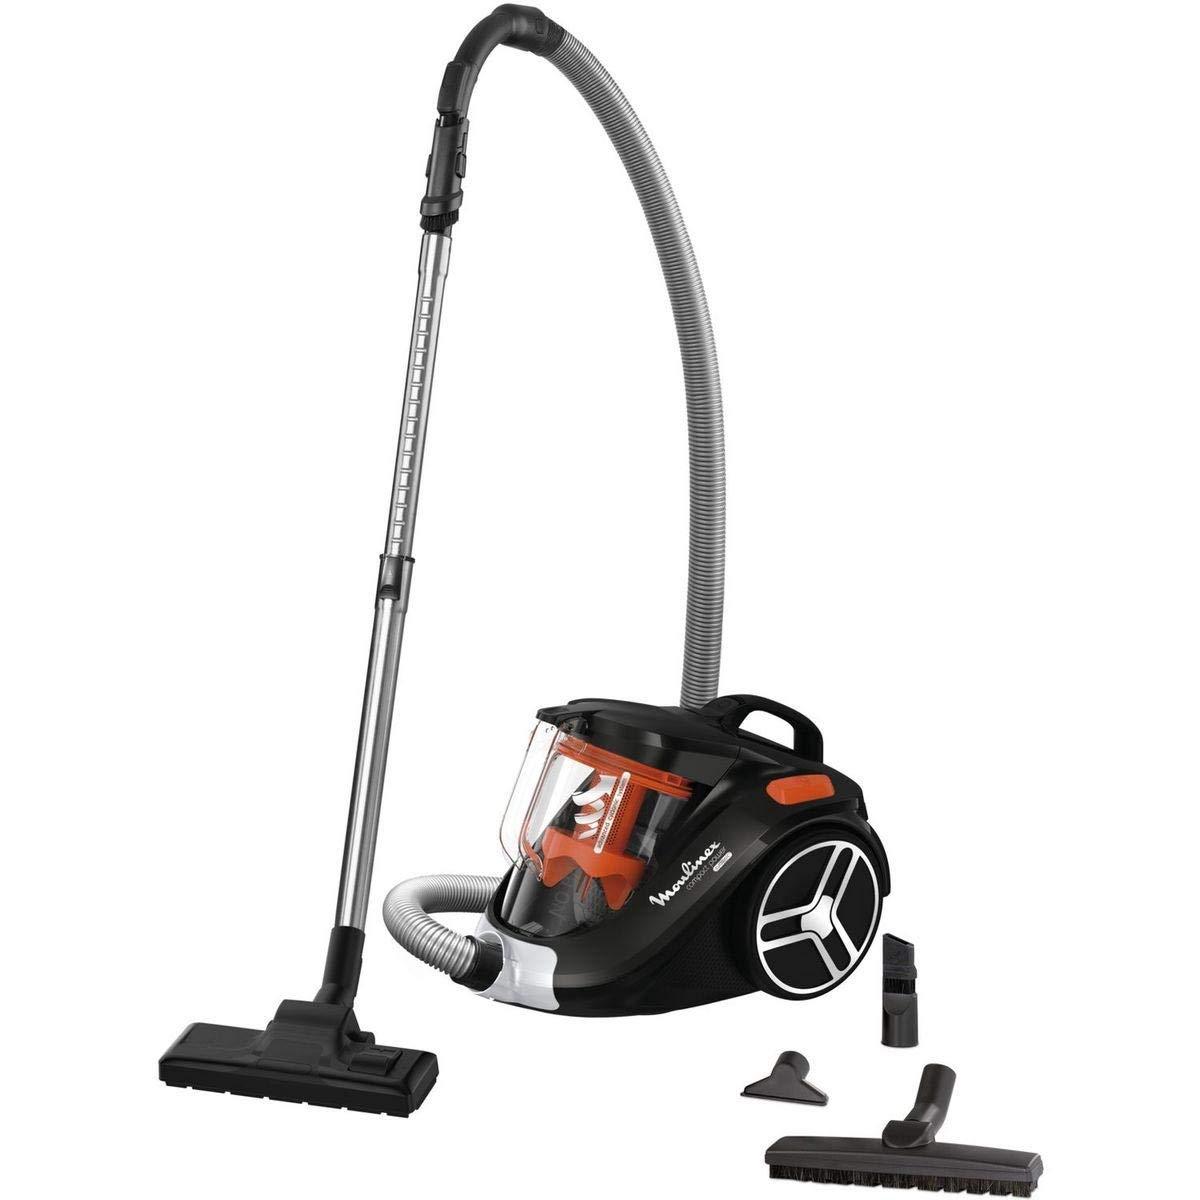 Moulinex mo3745pa - Aspirador sin bolsa 79db, color negro y naranja compacto: Amazon.es: Hogar